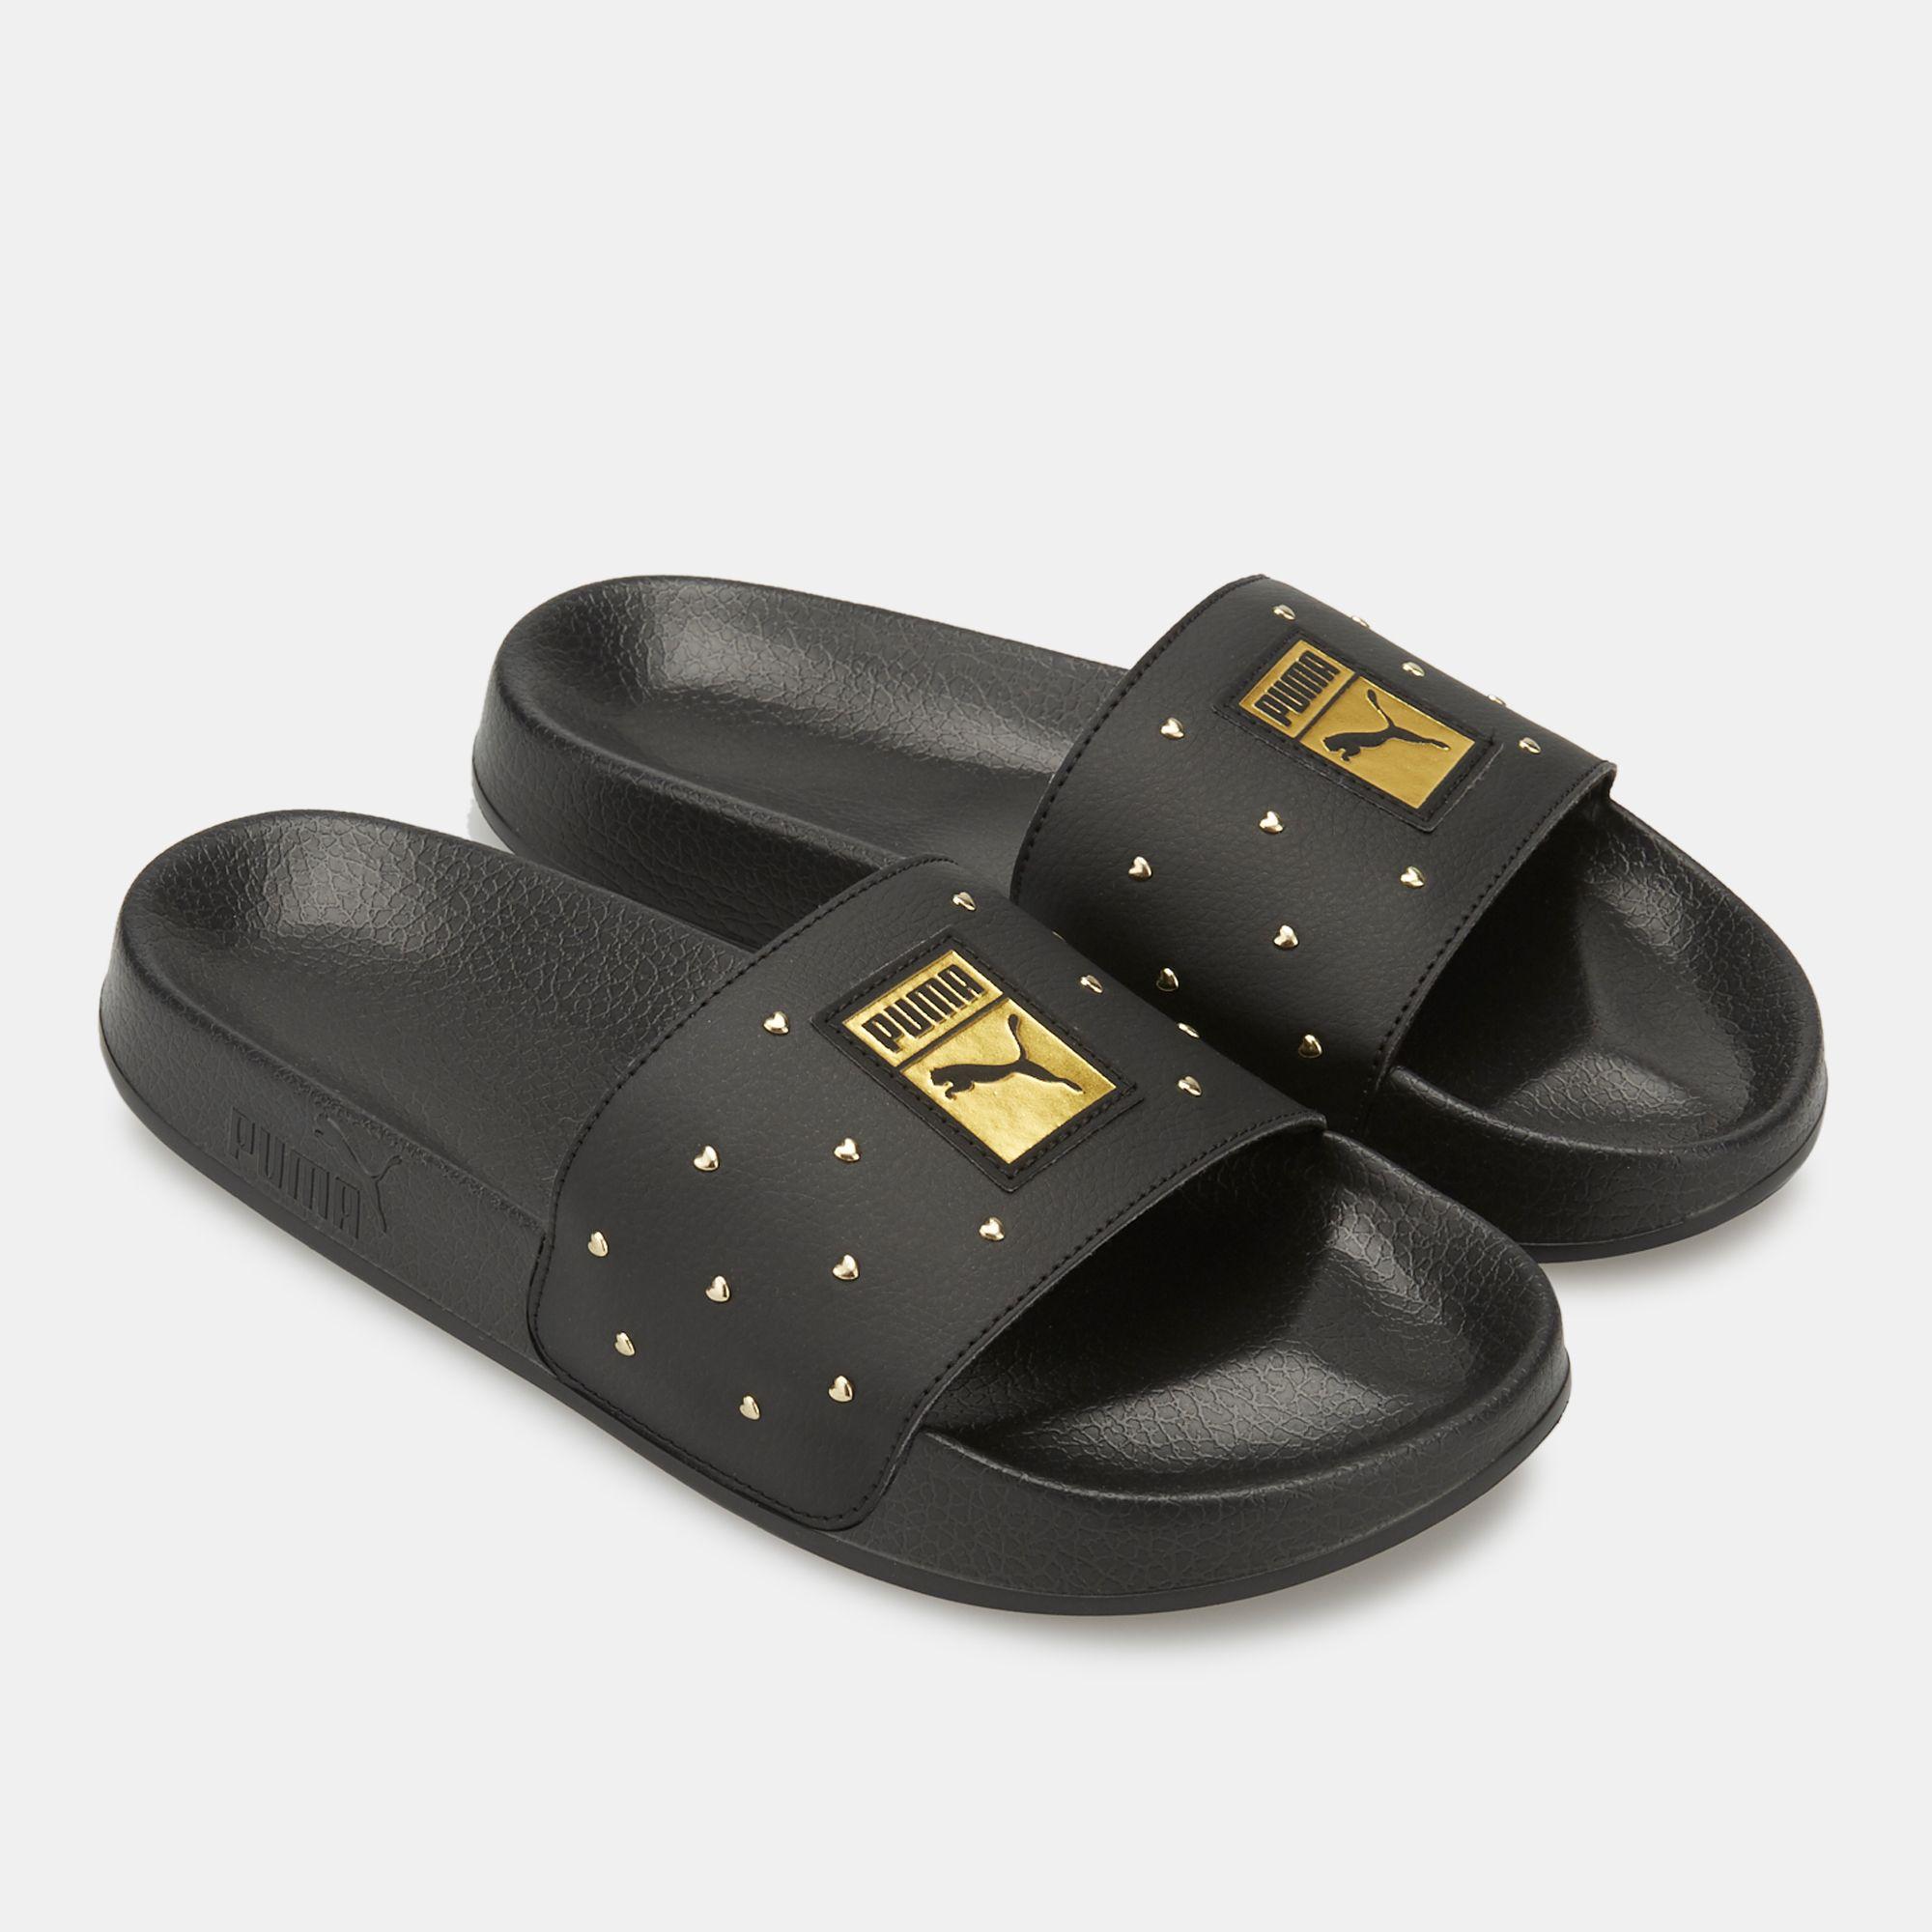 buy \u003e puma flip flops womens, Up to 63% OFF